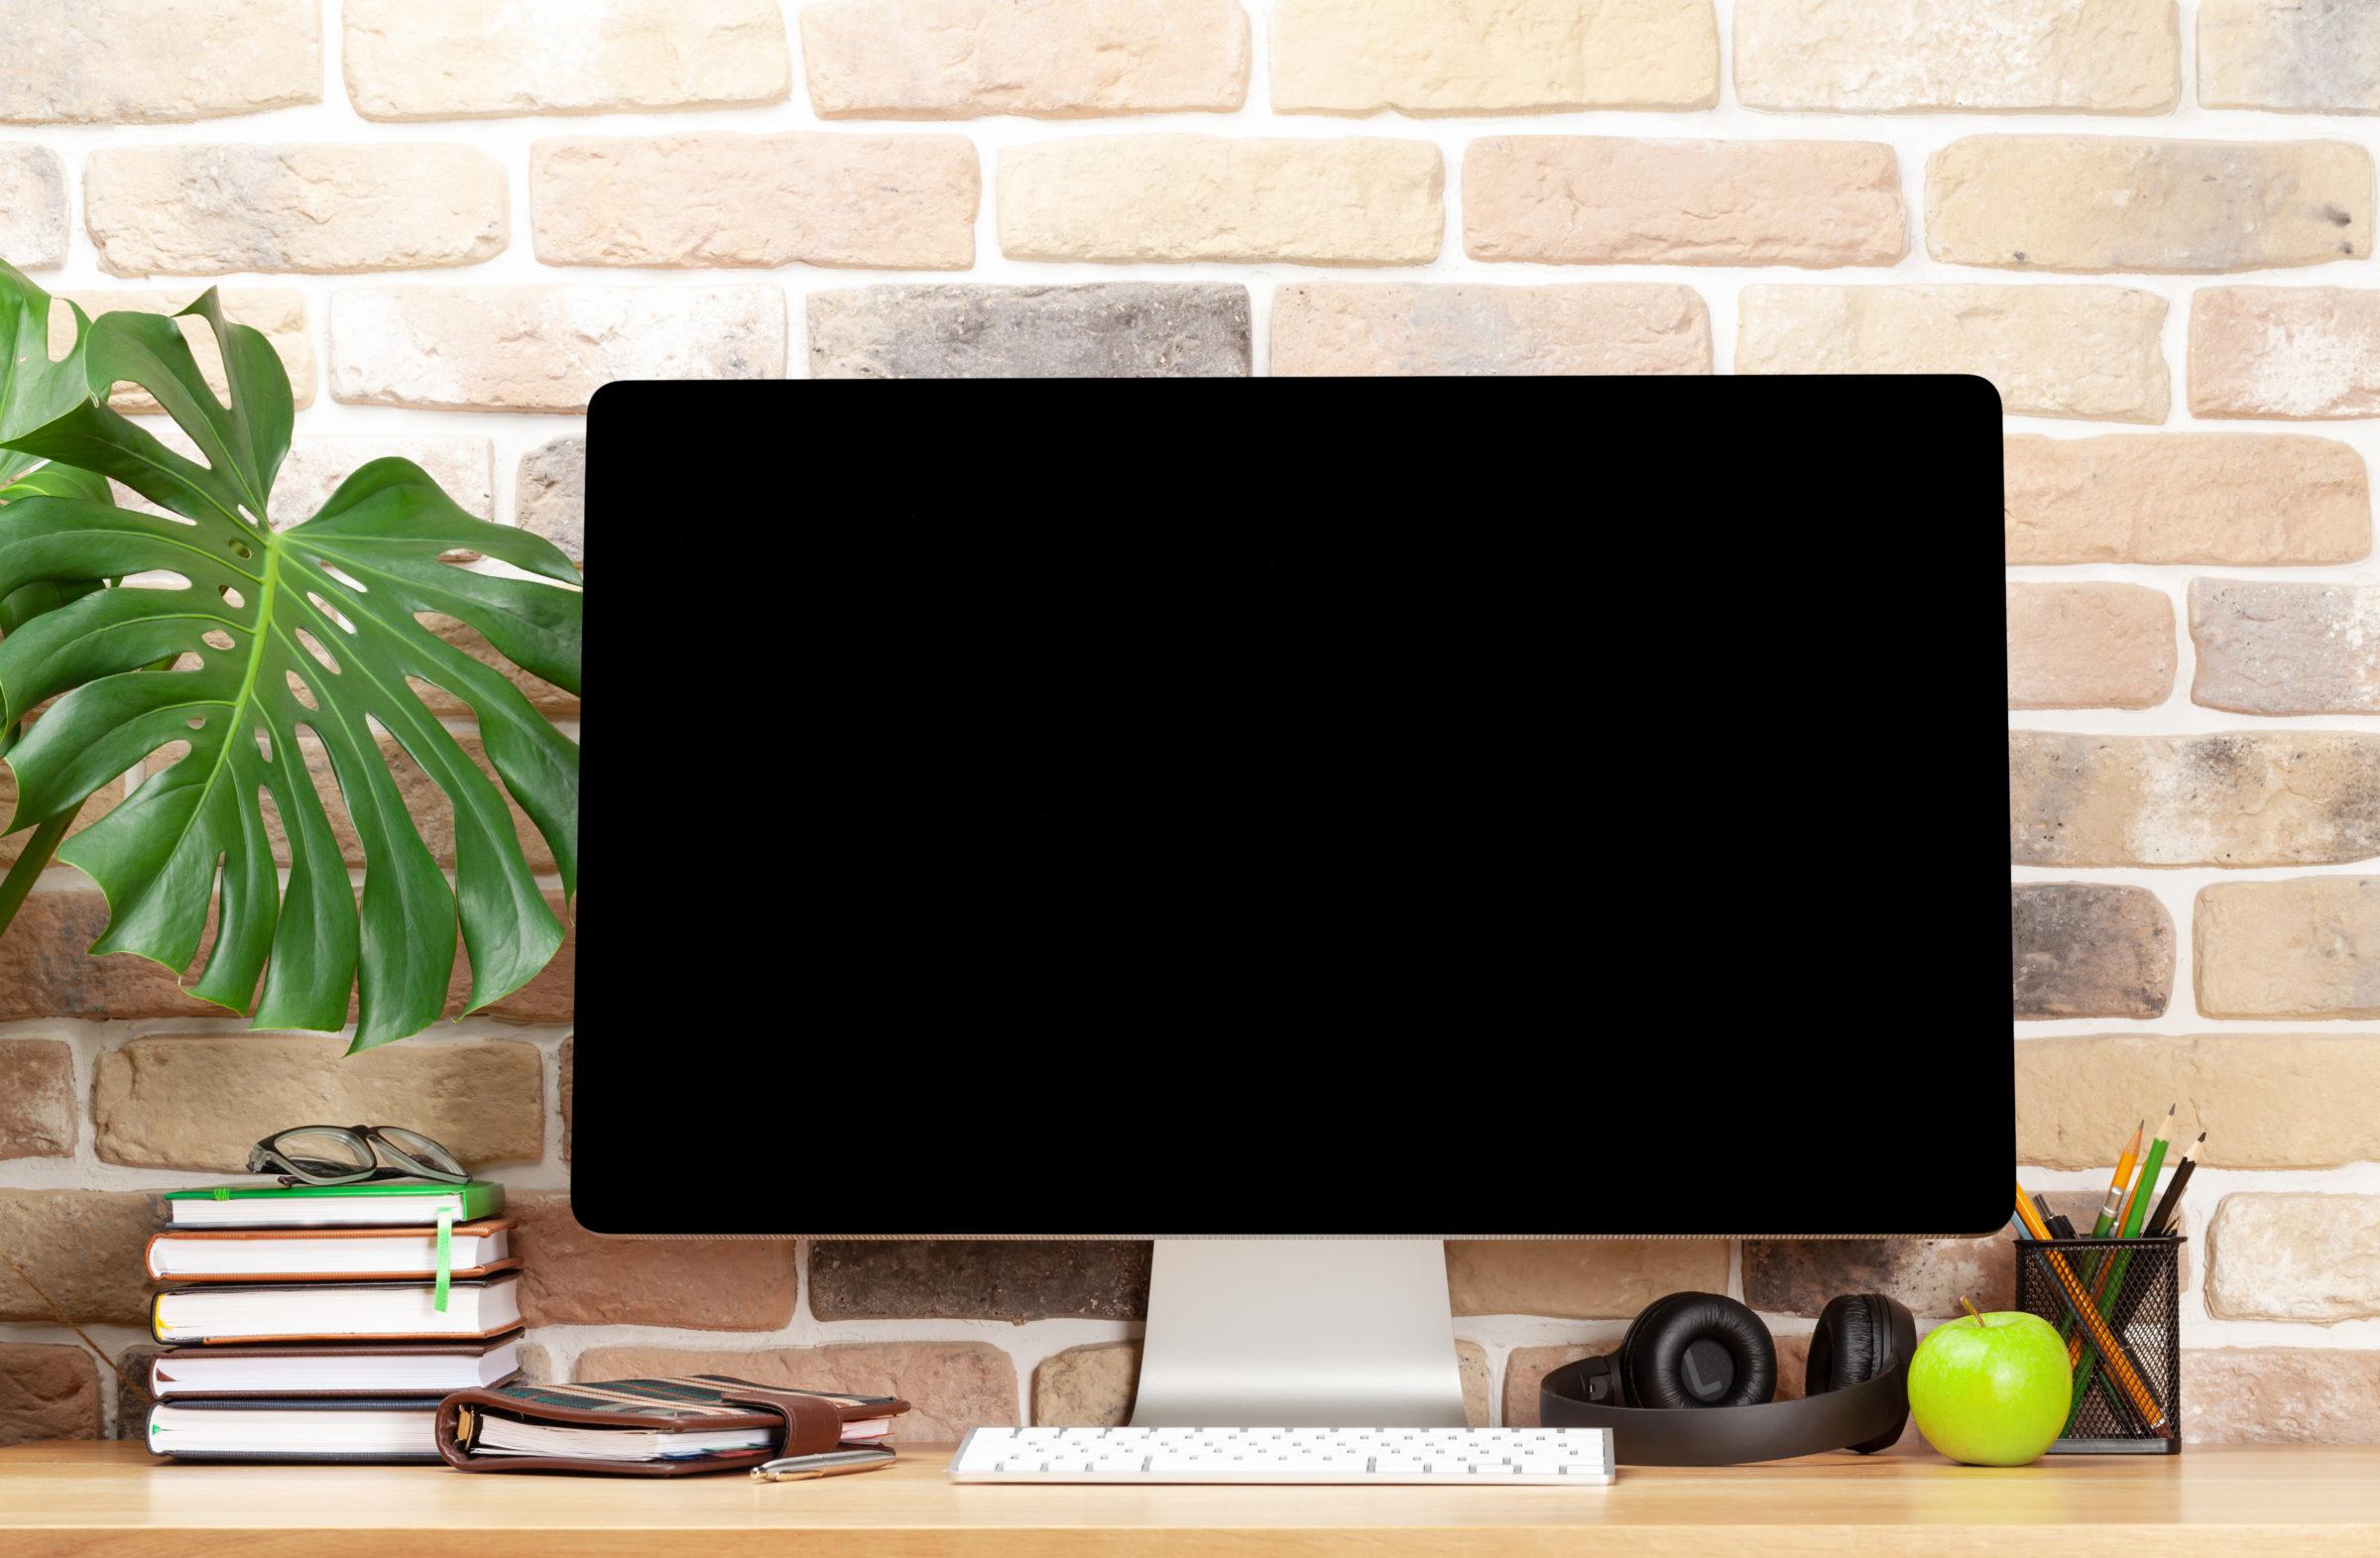 studio workspace with desktop computer supplies an UPXYACK